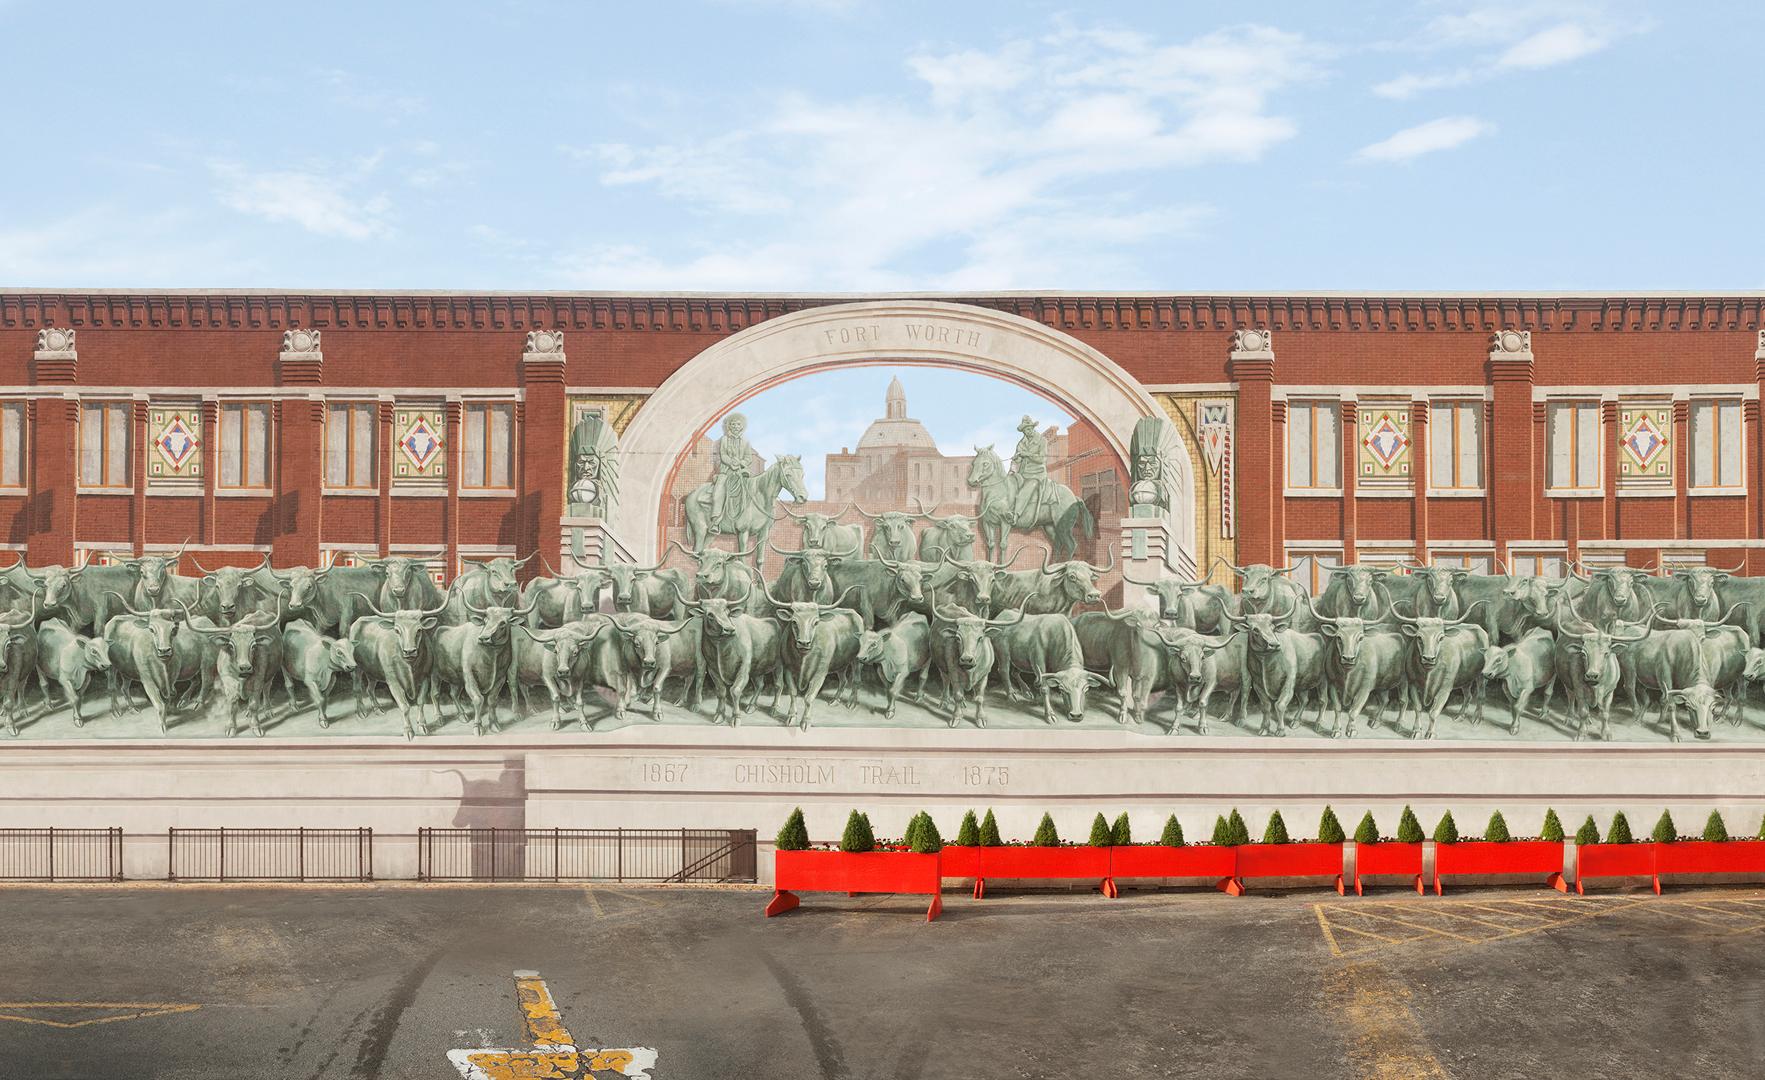 S undance Square , 25 x 40 inches, archival pigment print, 2011